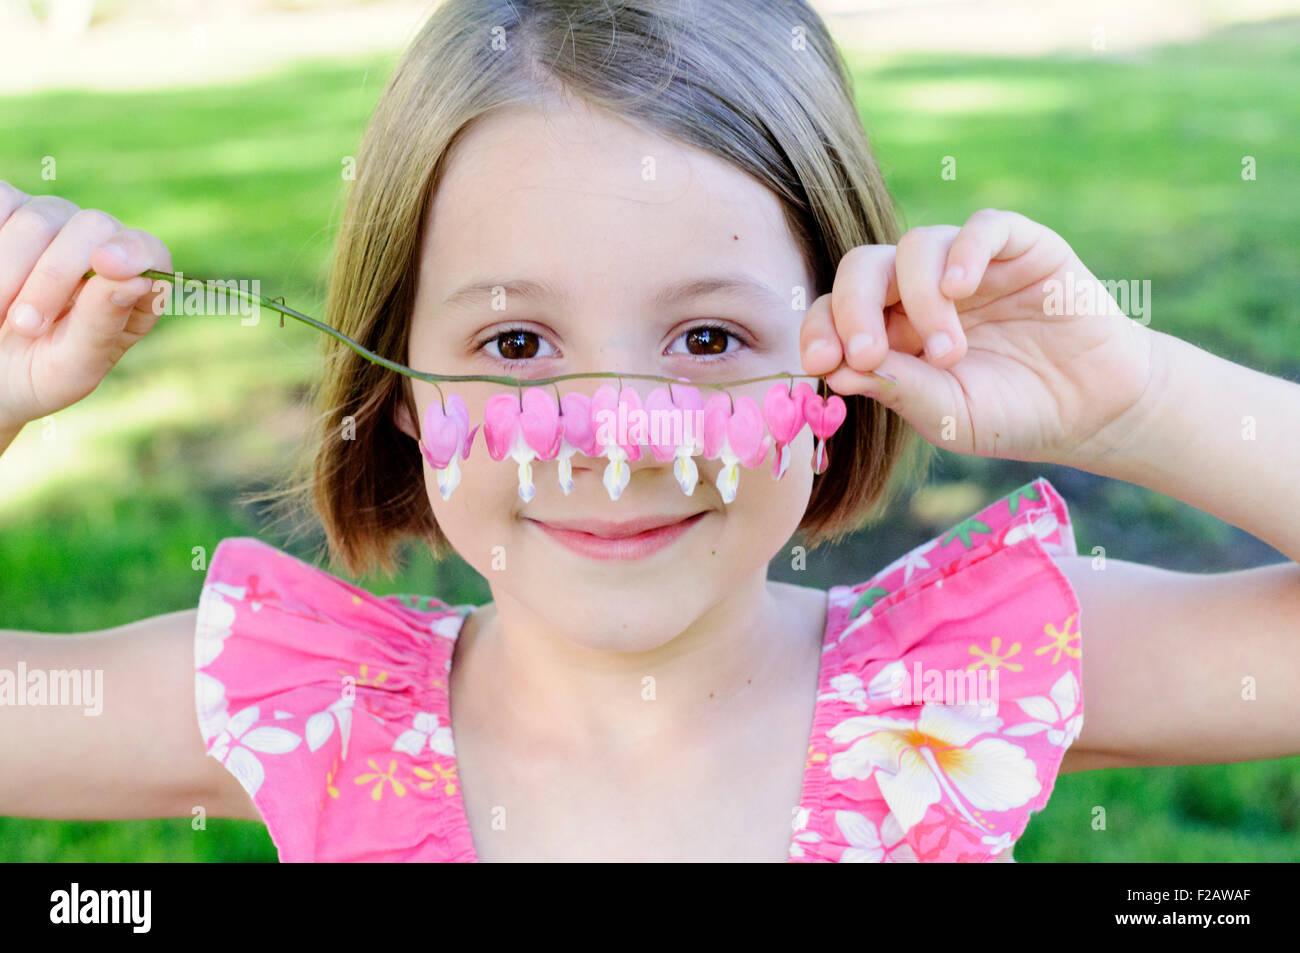 Kleines Mädchen hält Herzblume Pflanzenstängel Stockbild